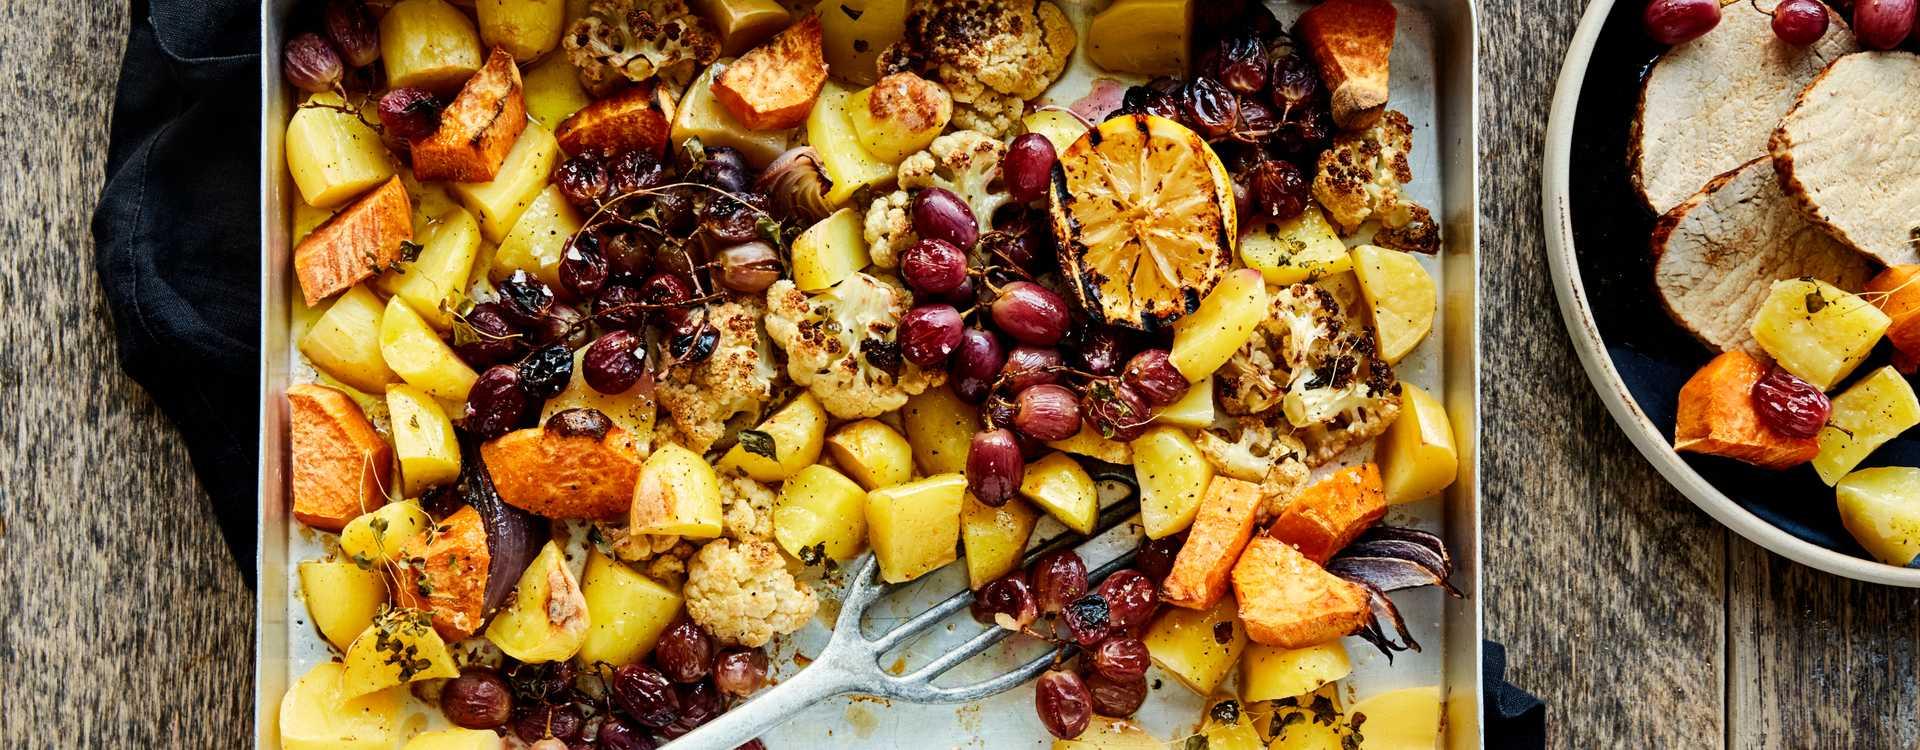 Ytrefilet av svin med ovnsbakte rotgrønnsaker og bakte røde druer